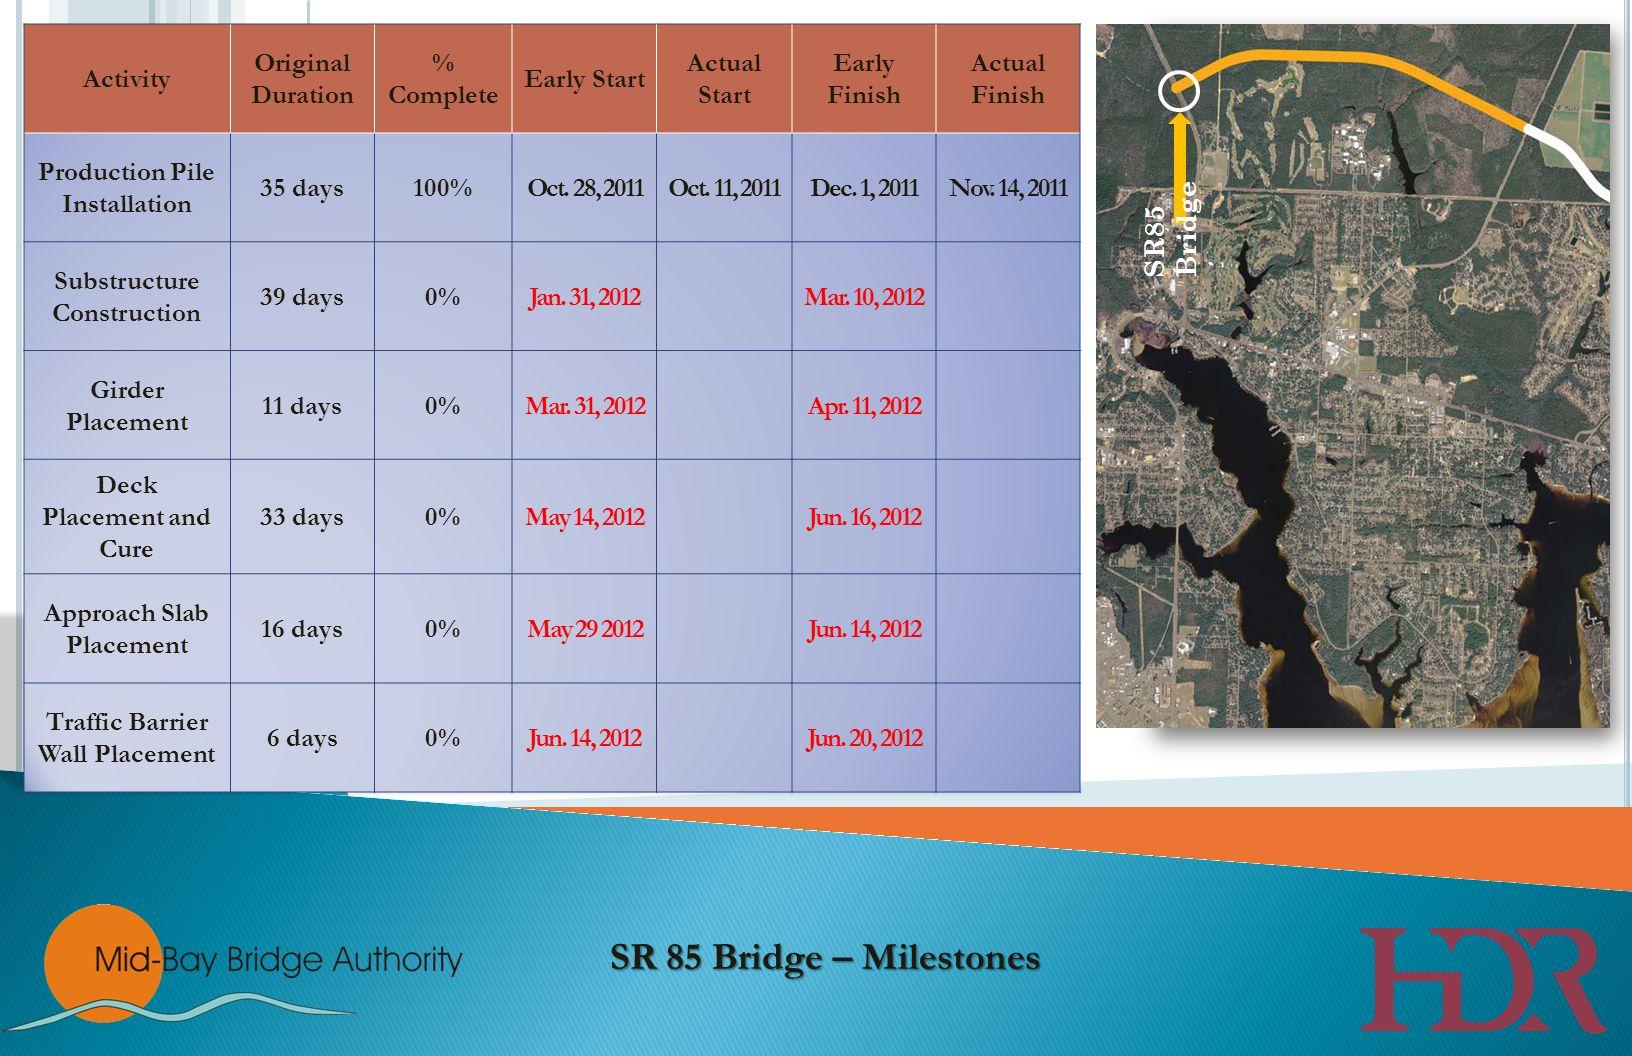 Range Road Bridge SR 85 Bridge – Milestones SR85 Bridge